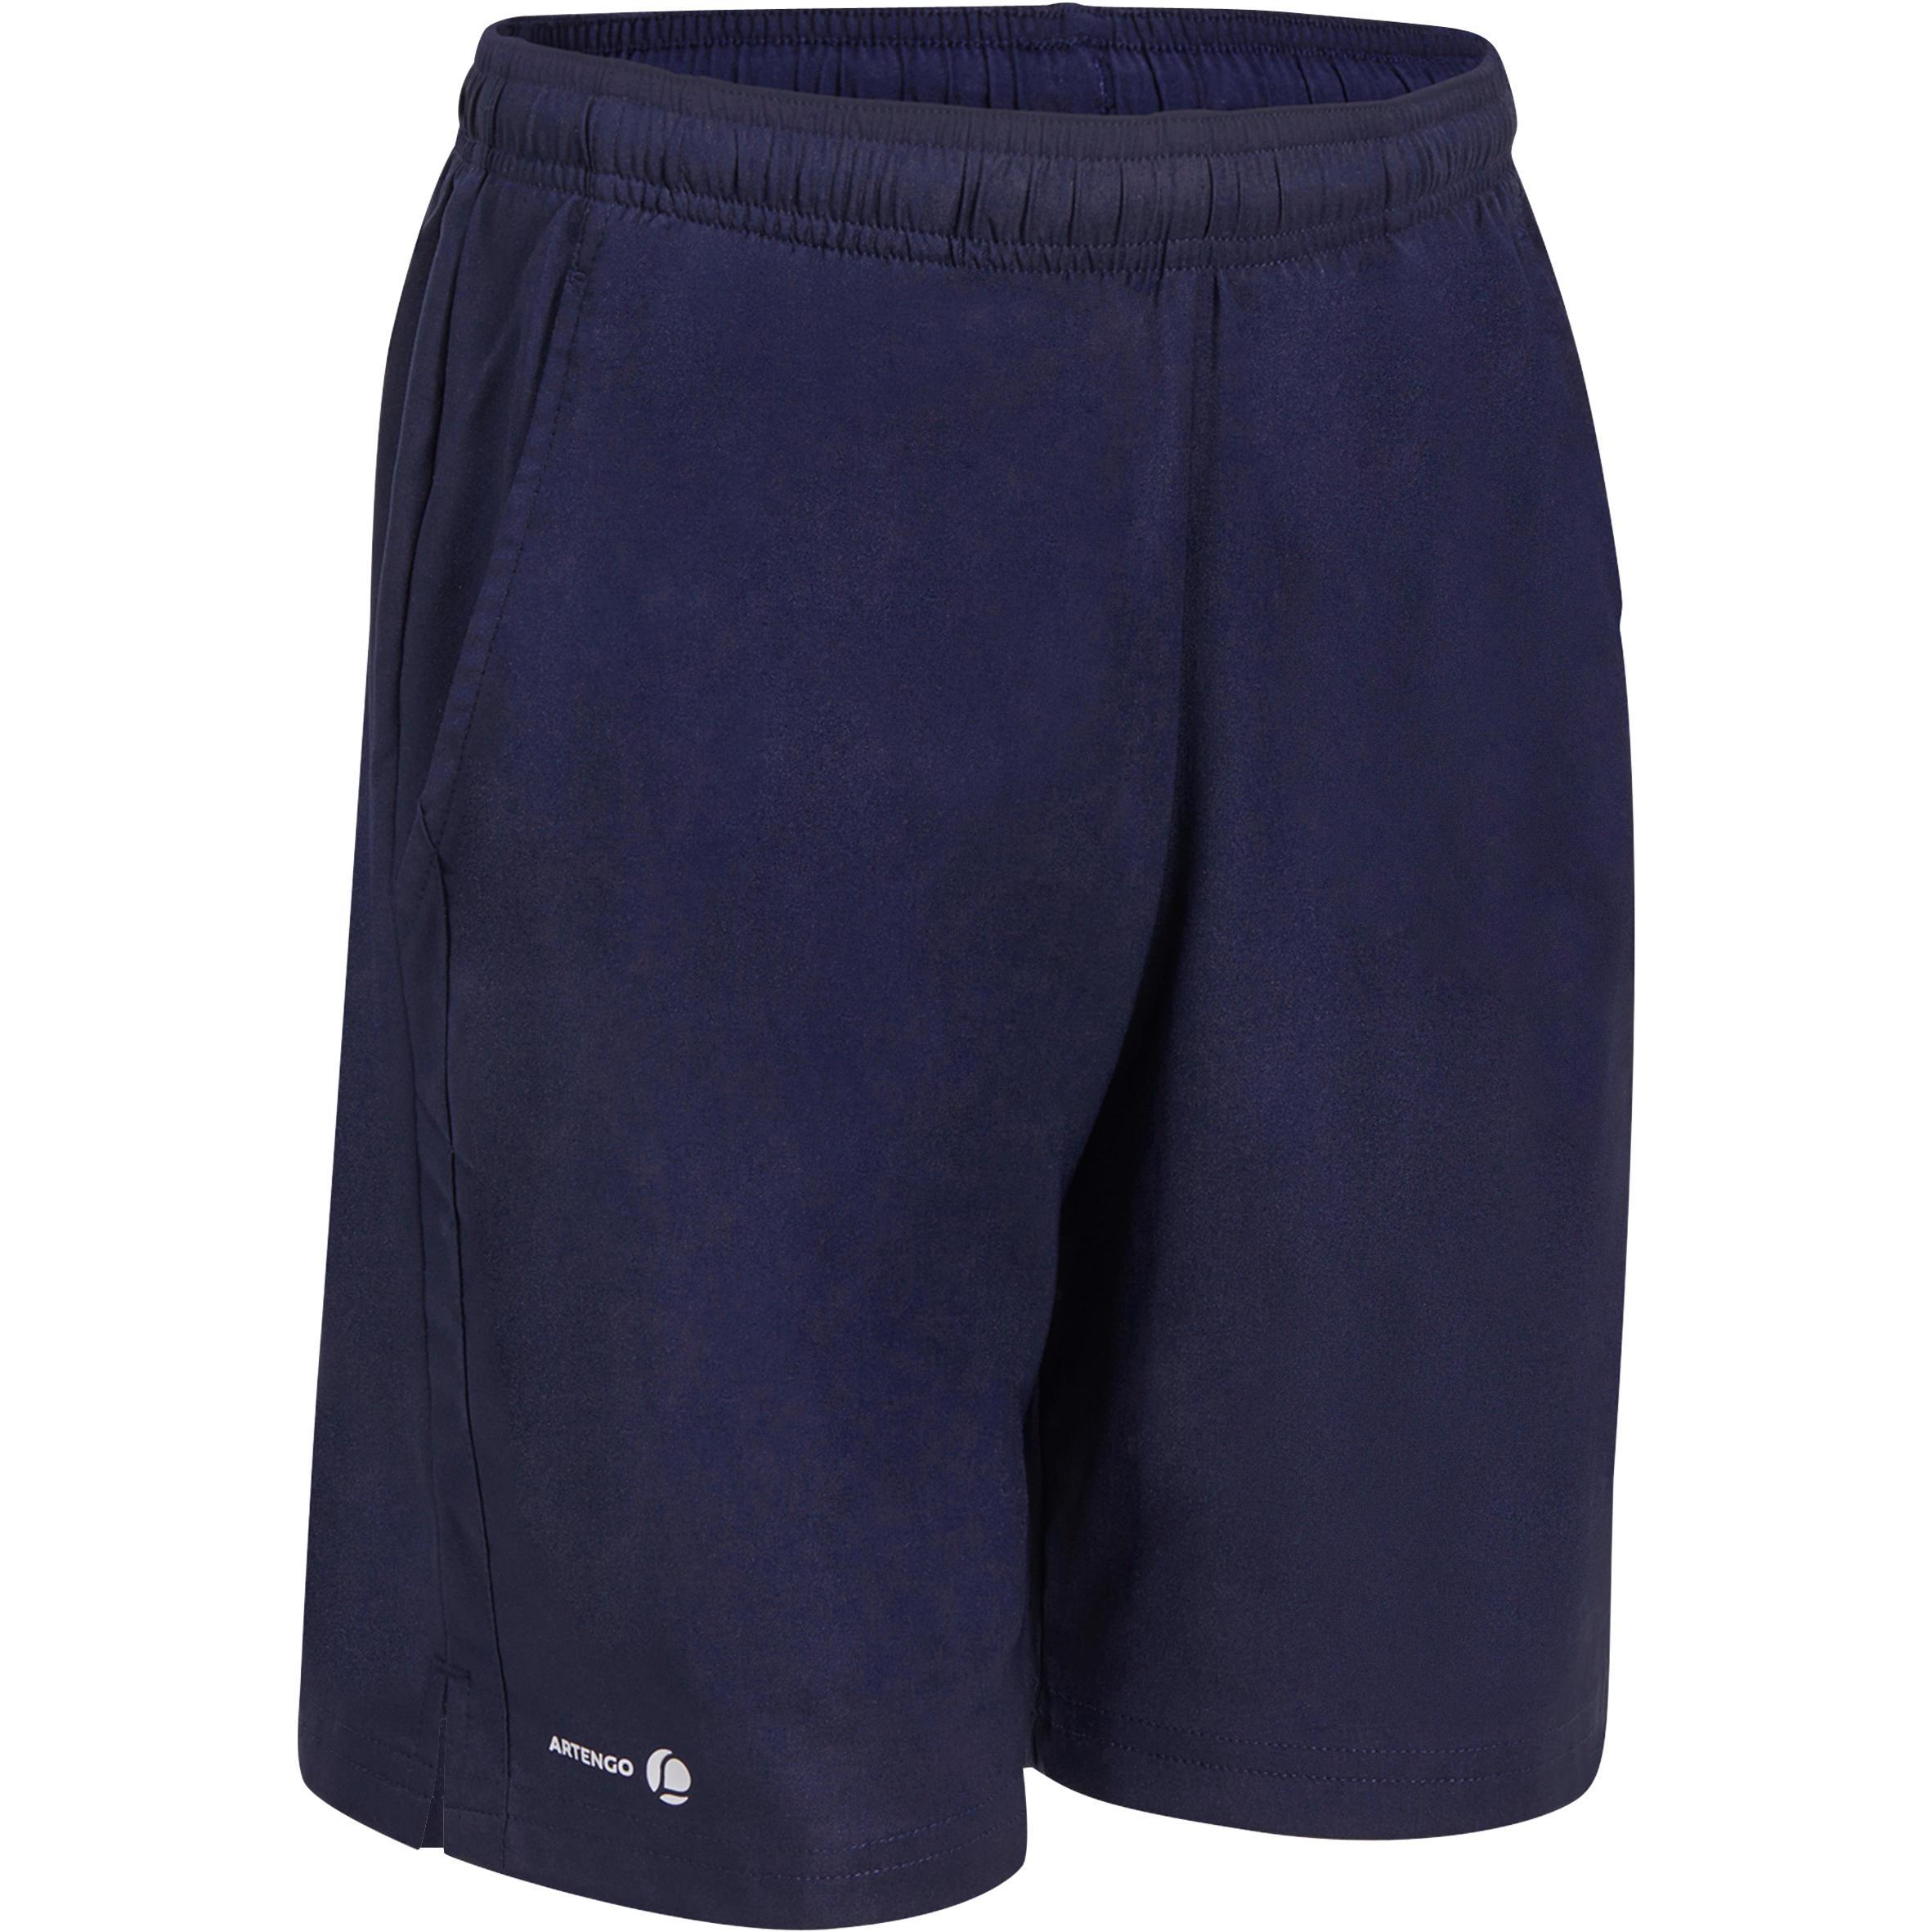 Artengo Jongensshort Soft blauw/wit 500 tennis/badminton/tafeltennis/padel/squash